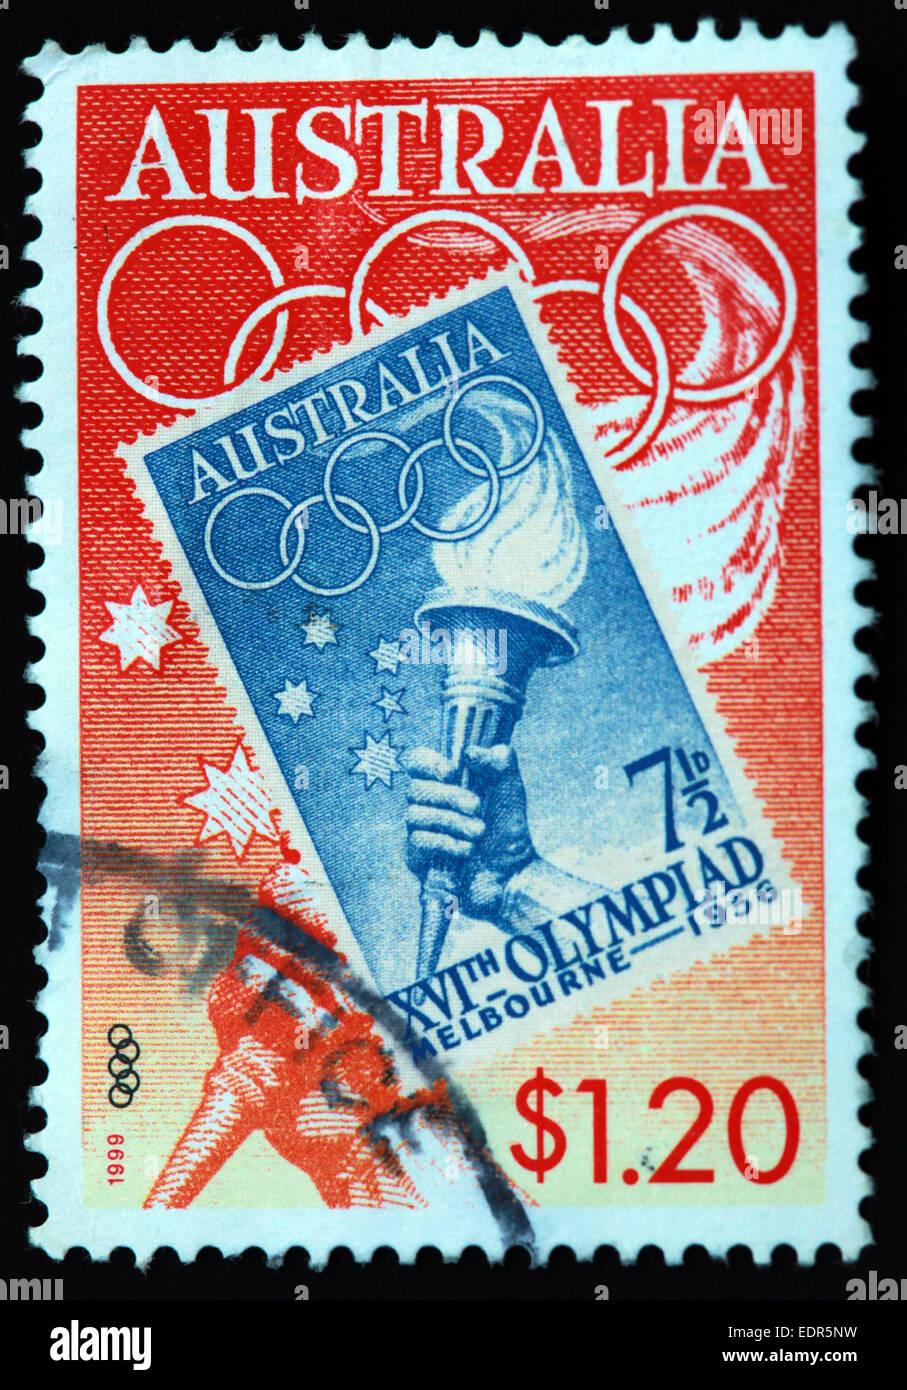 Laden Sie dieses Alamy Stockfoto Verwendet und Poststempel Australien / Melbourne 1956 XVI. Olympiade Austrailian Stempel 1999 $1,20 - EDR5NW